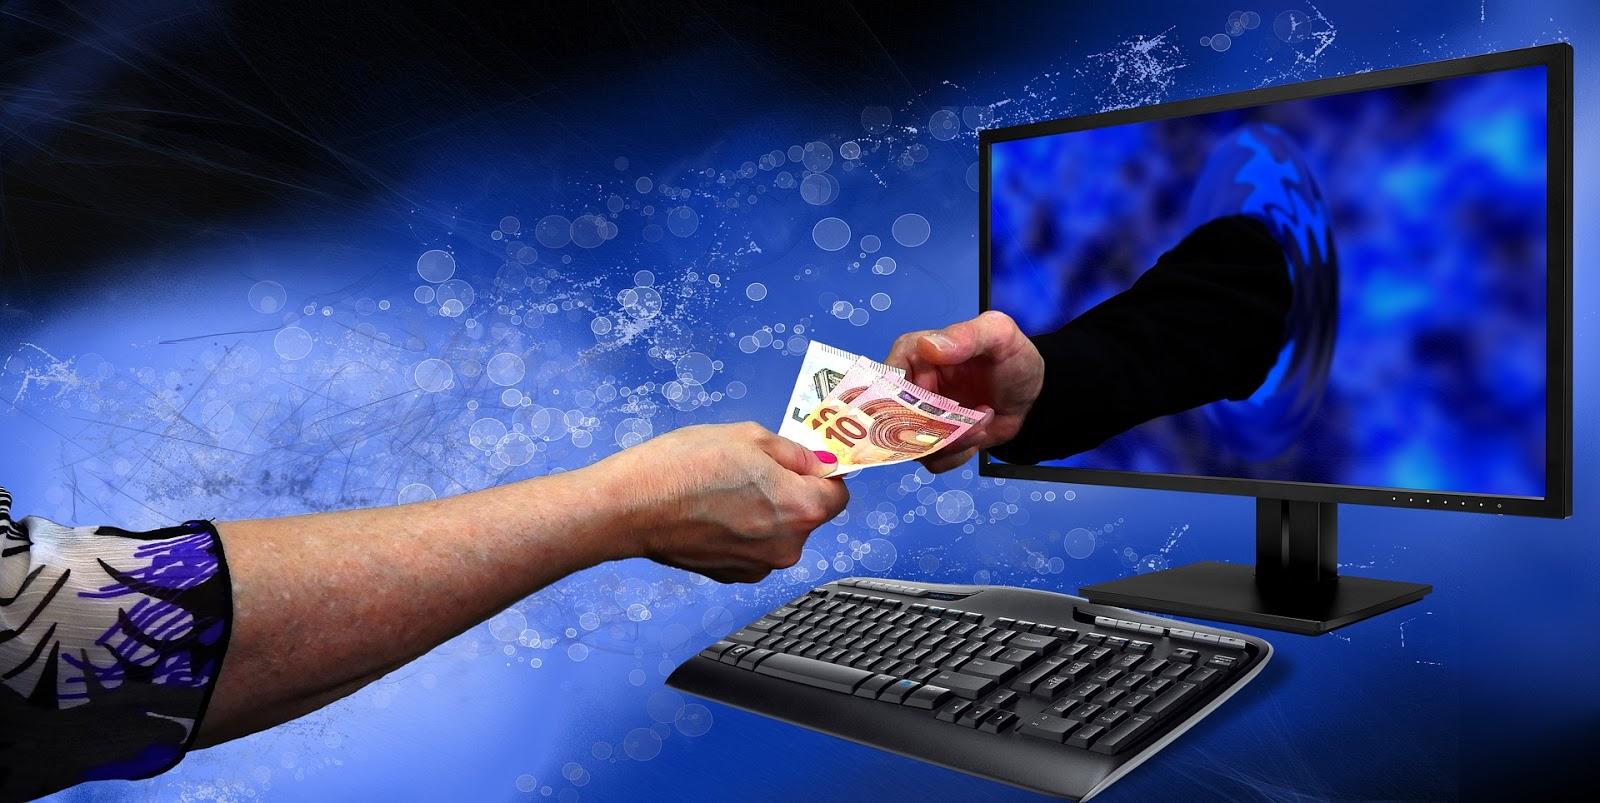 Risultati immagini per cyber attack, ransomware